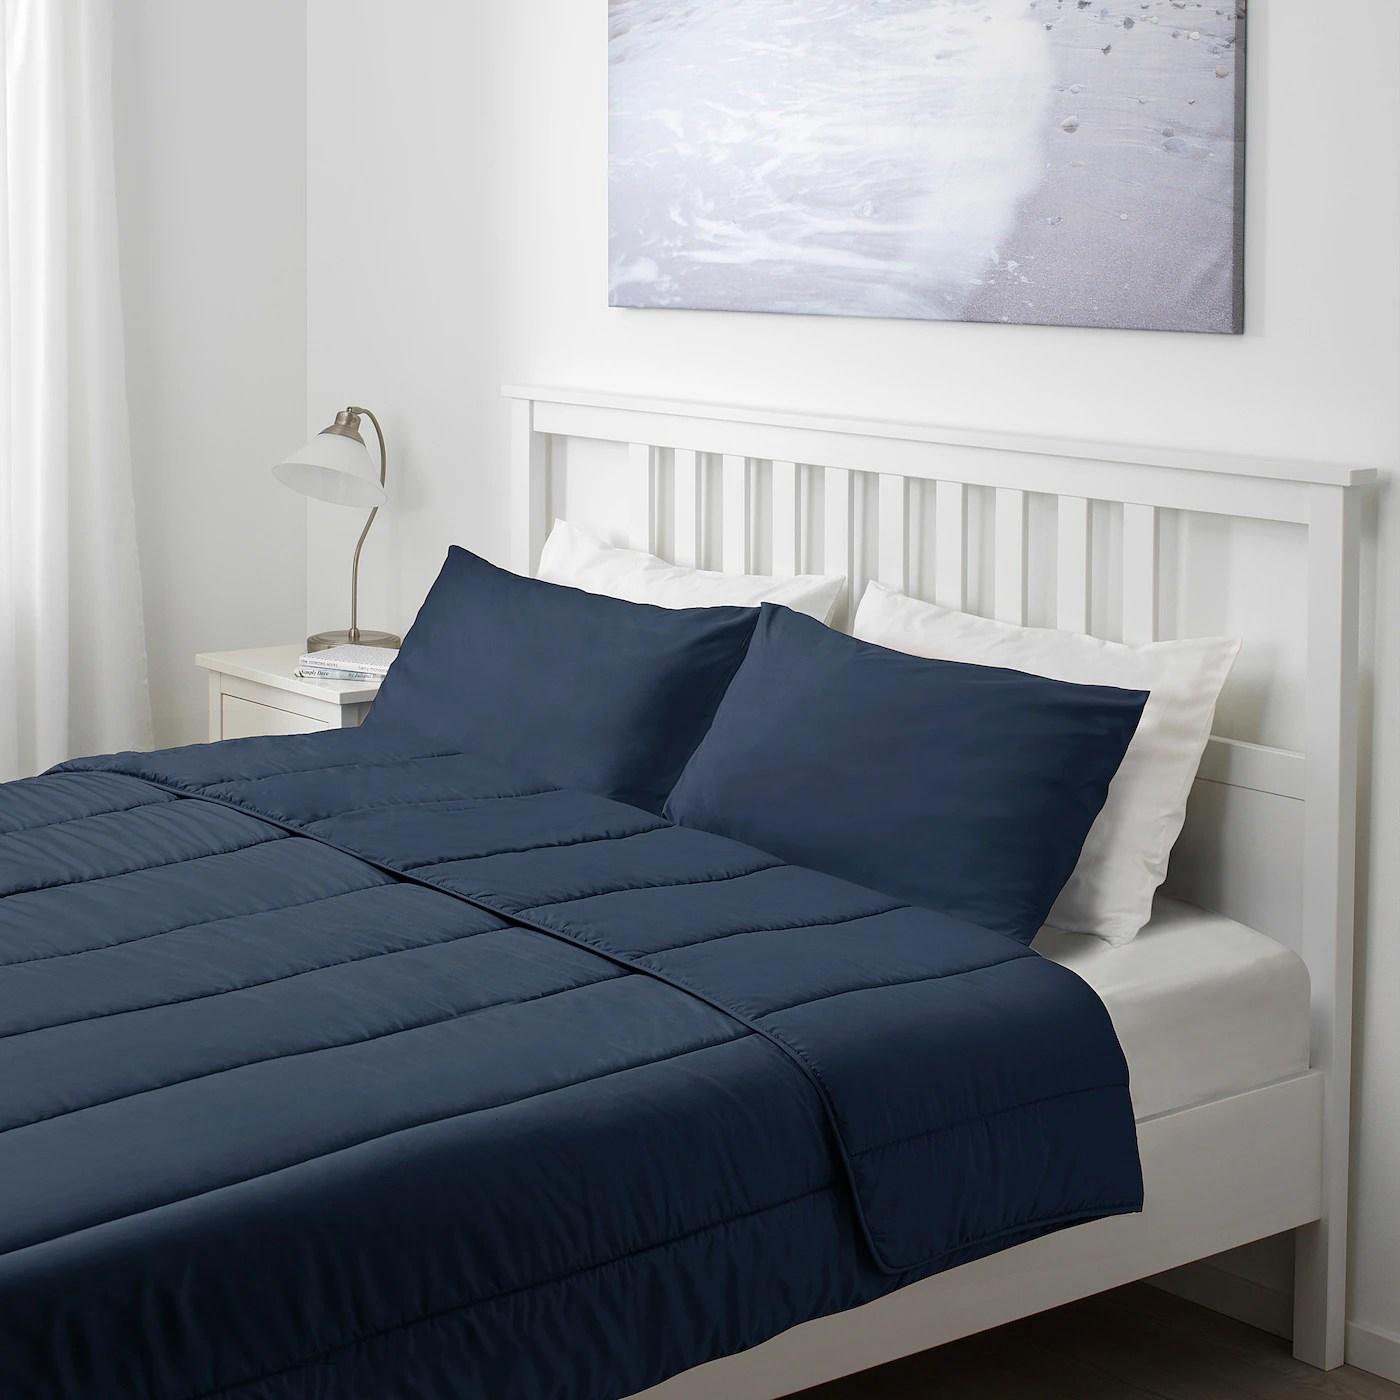 hallespring comforter set dark blue cooler full queen